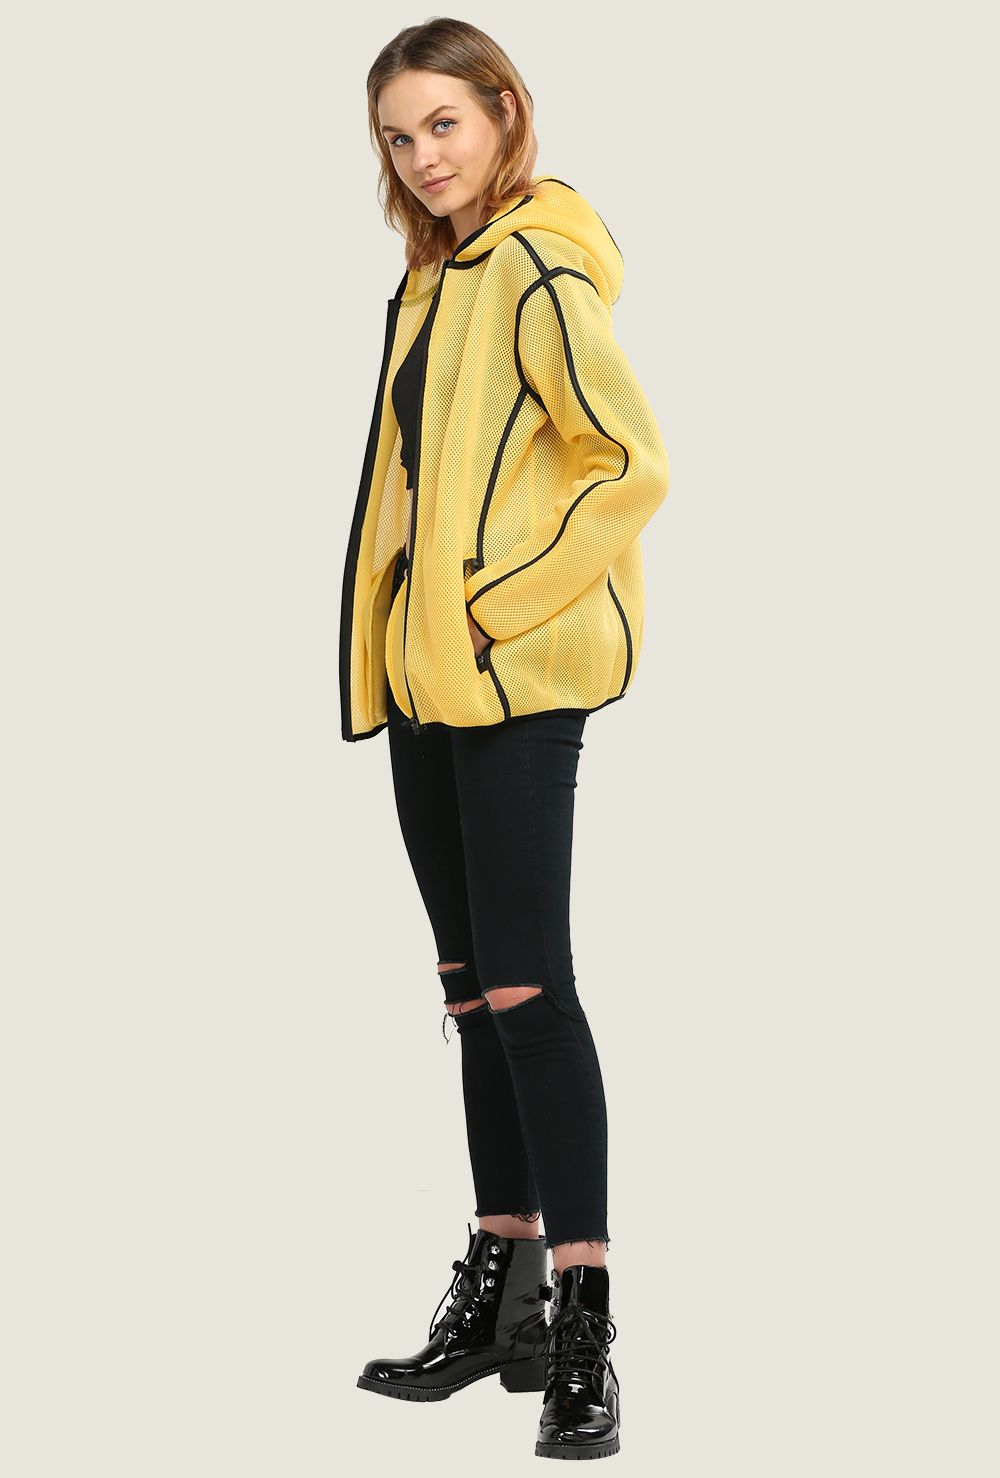 Chic Hooded Double Pocket Spliced Women Coat